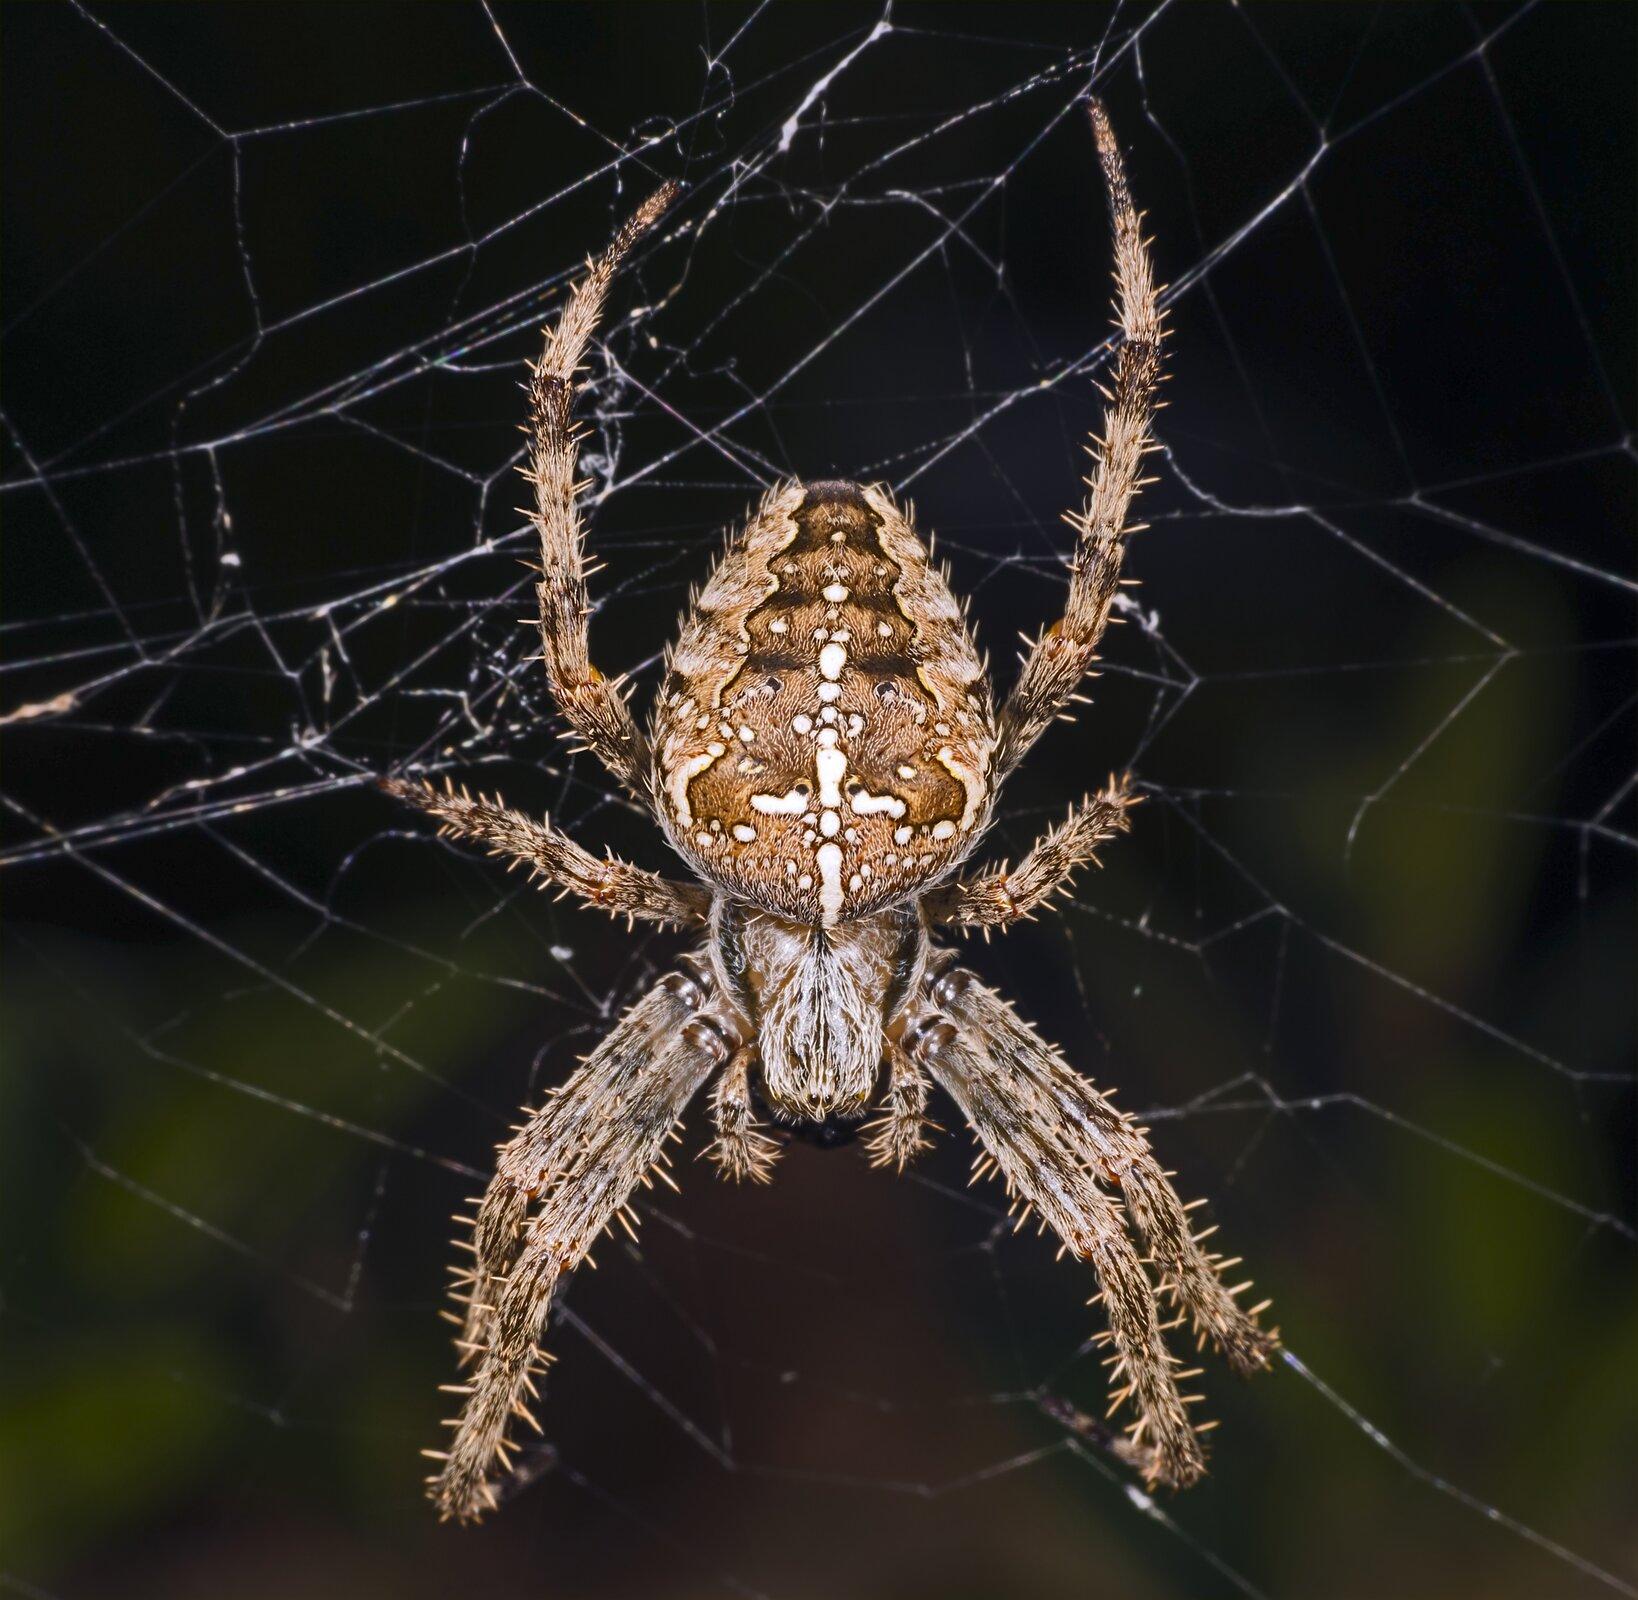 Galeria składa się zfotografii przedstawicieli pajęczaków. Fotografia przedstawia na czarnym tle pionowo wdół krzyżaka ogrodowego na sieci. Pająk jest jasnobrązowy, zbiaławymi plamami na odwłoku wkształcie krzyża. Odnóża długie, zlicznymi szczecinkami.